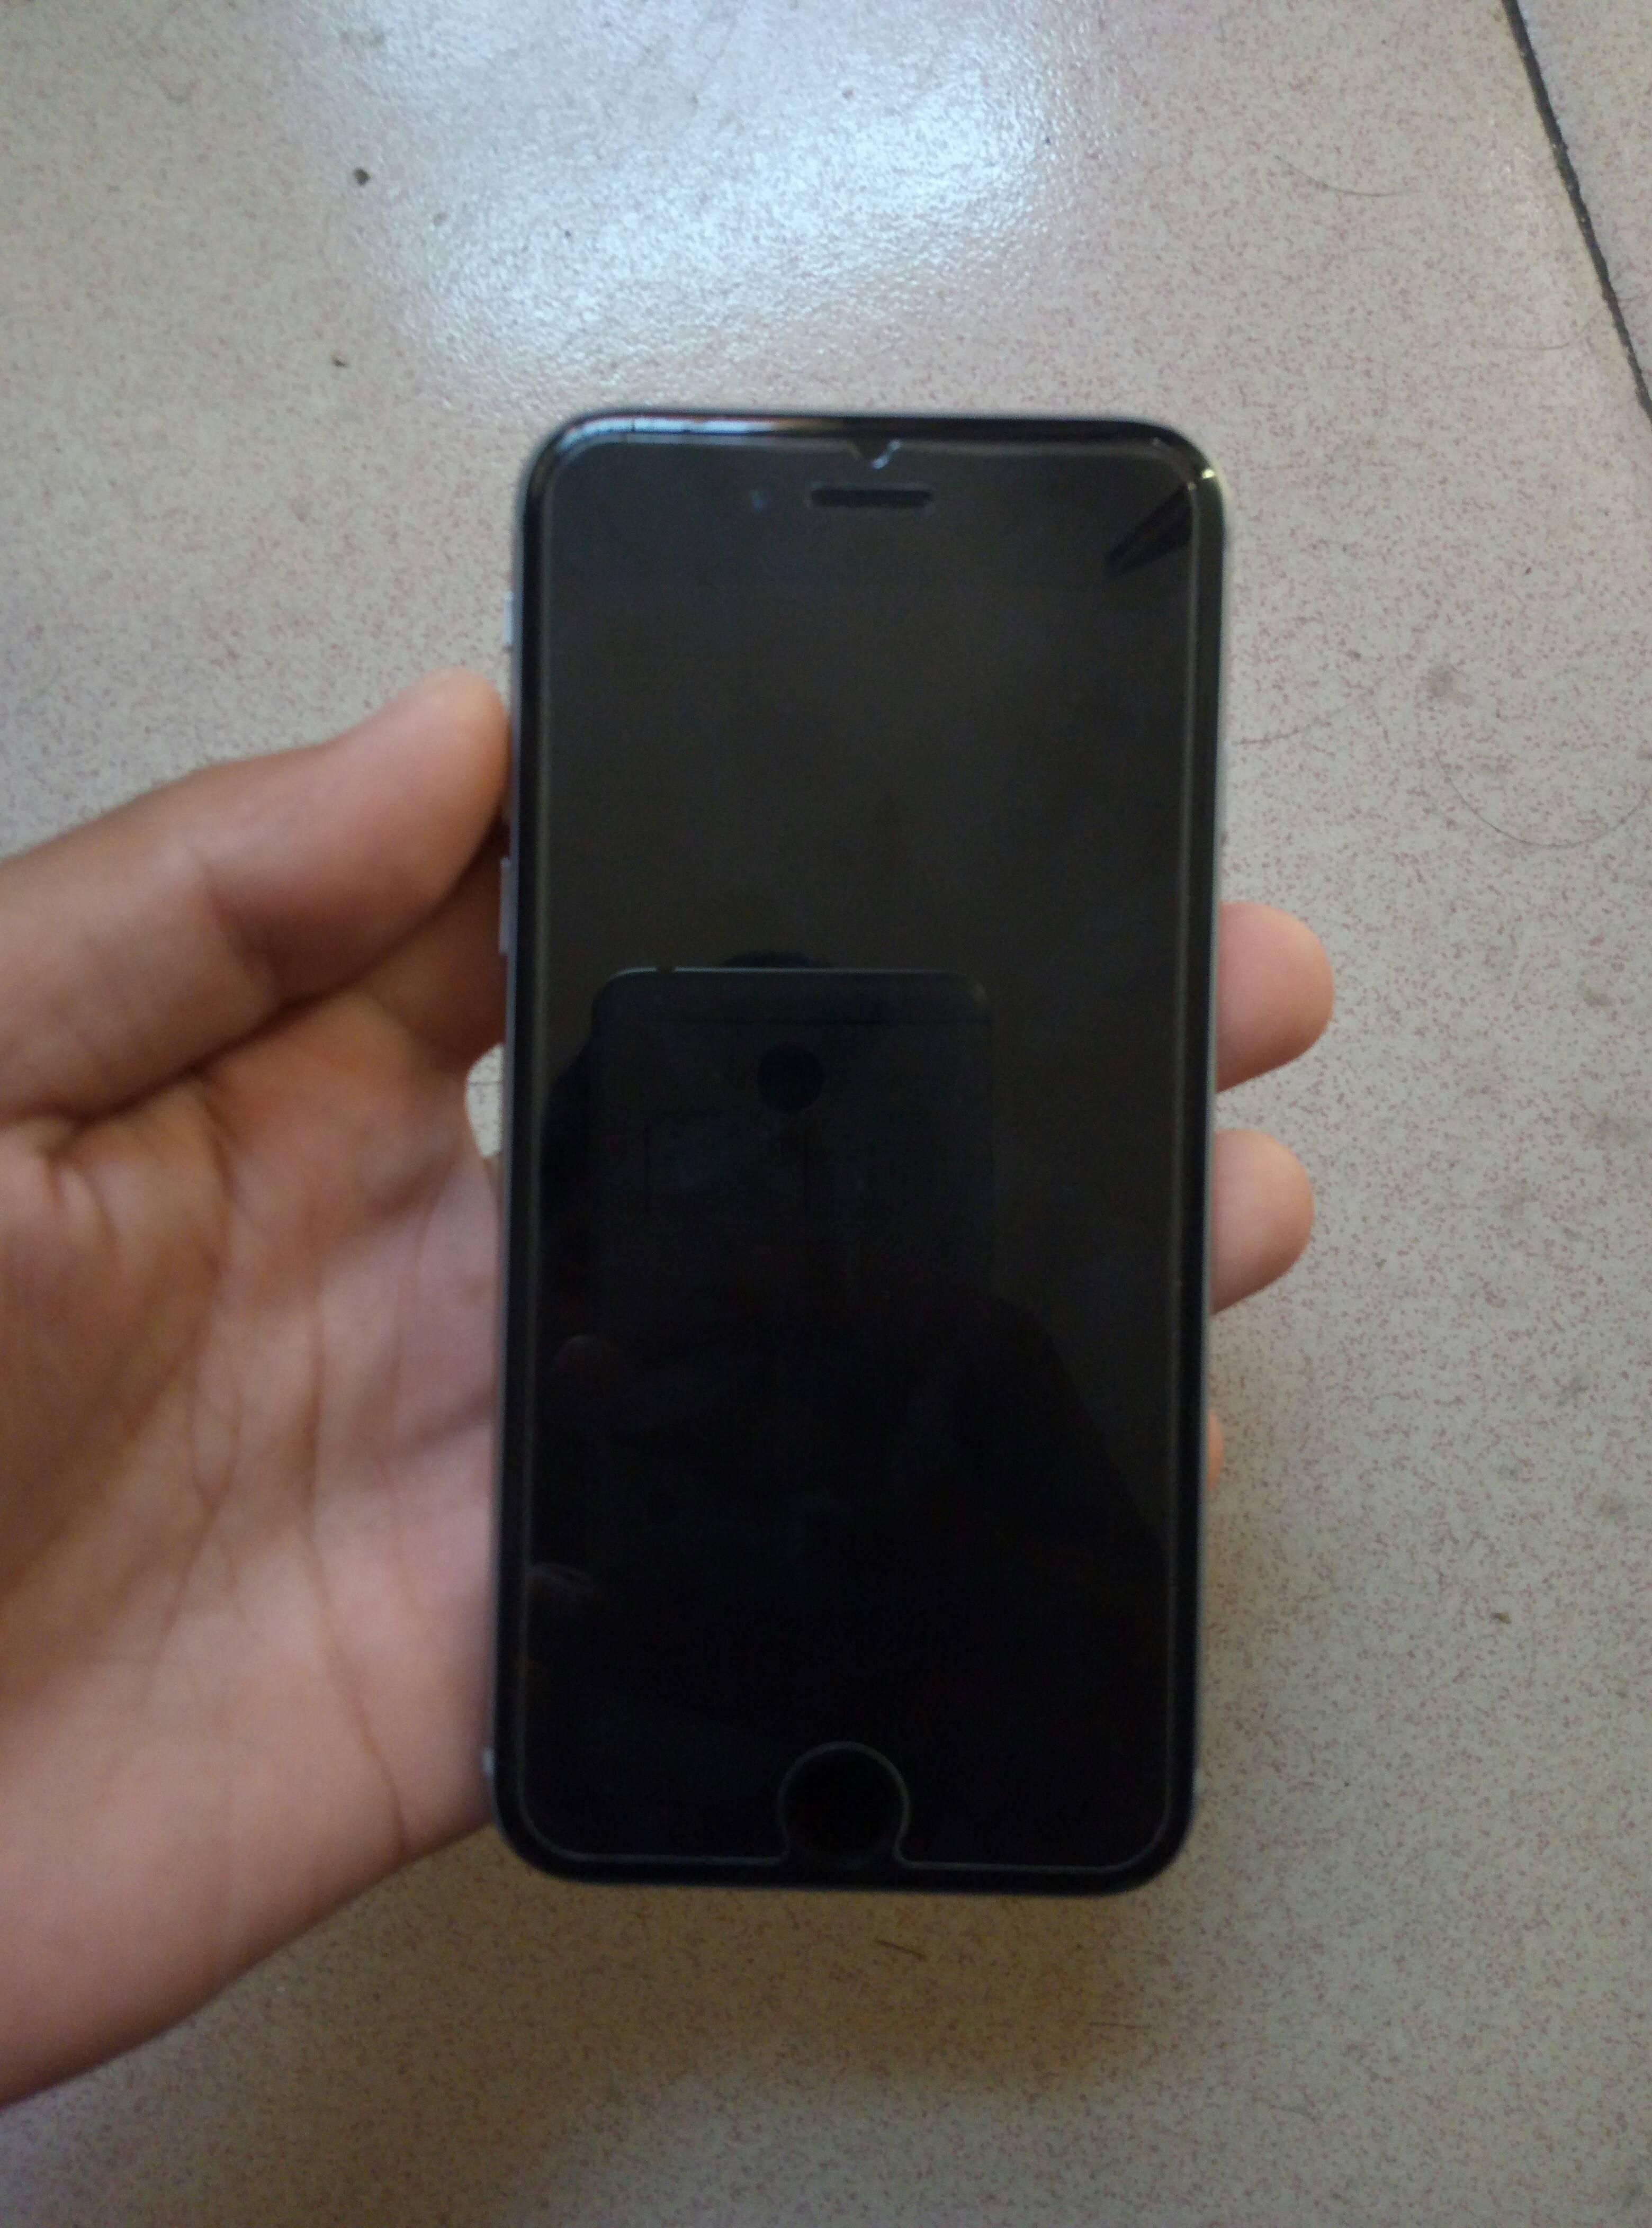 二手数字iphone6s黑色国行64g转让出售_安阳二手手机安卓苹果显示电量图片